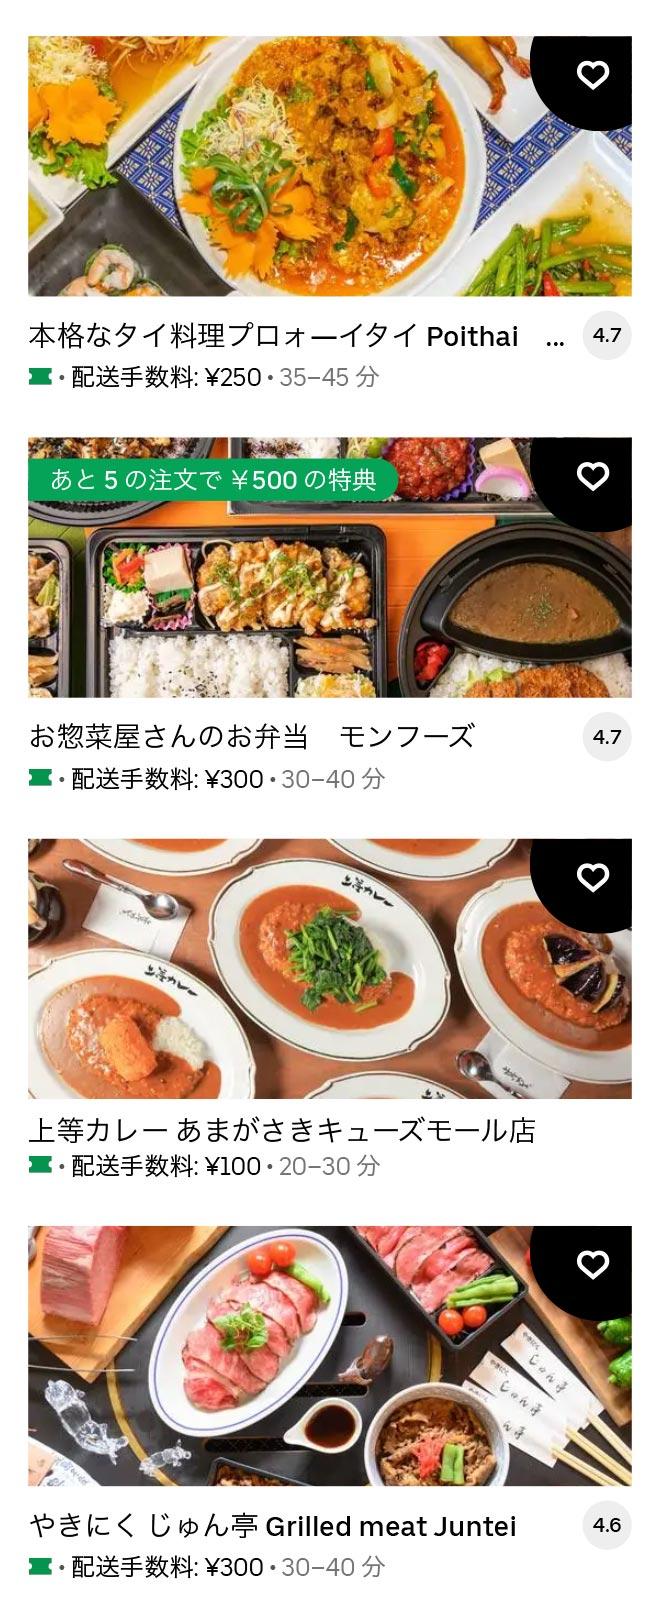 U amagasaki 2105 09